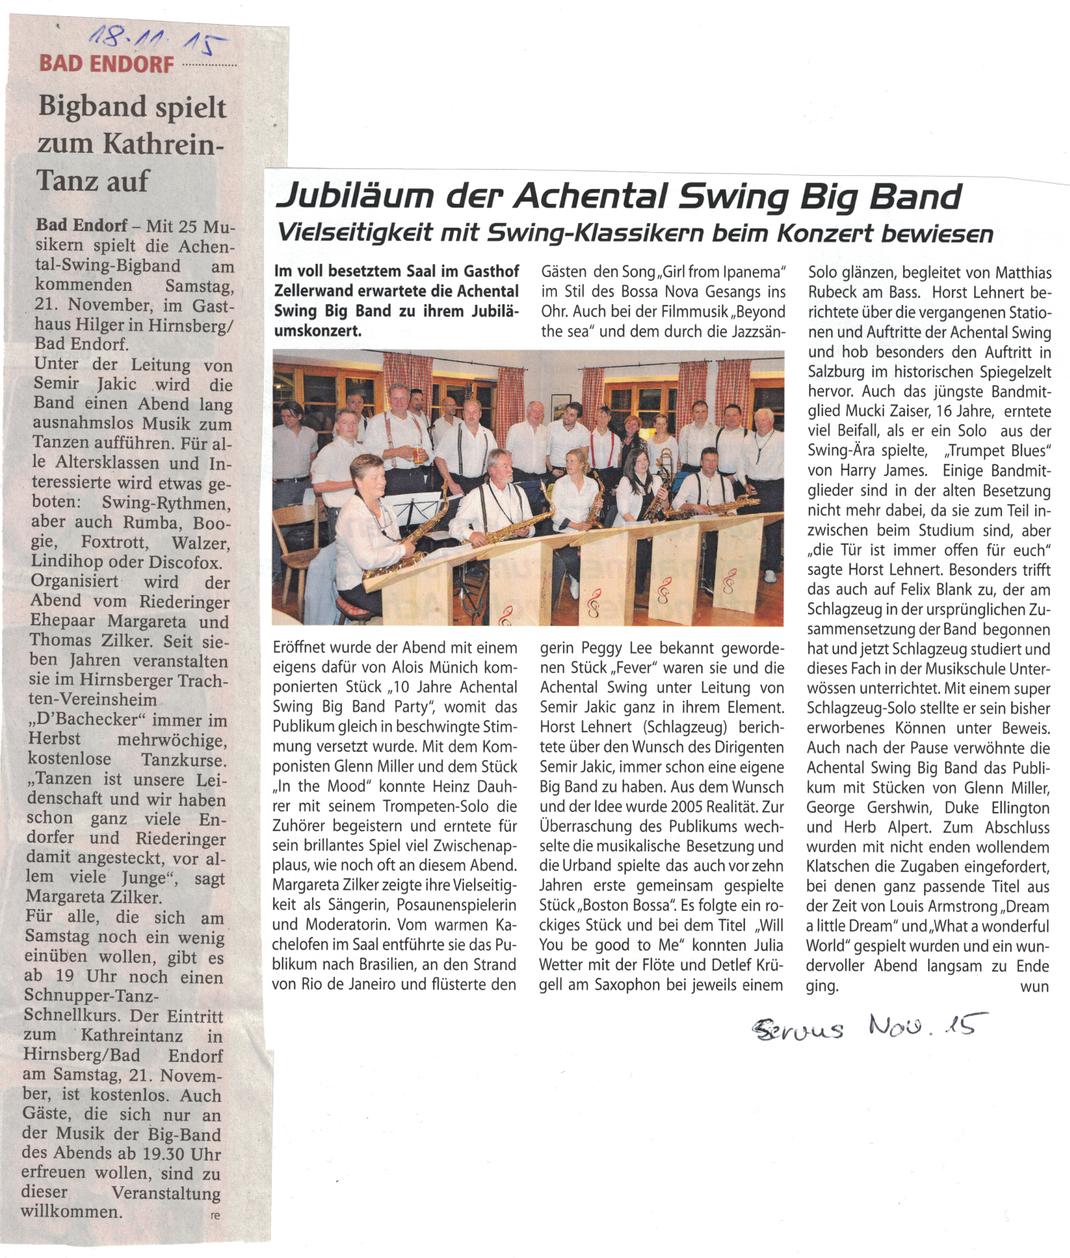 bigband Kathrein Tanz 10 Jahre